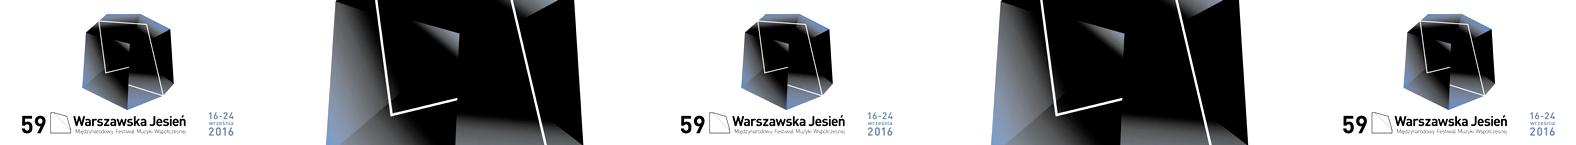 Warszawska Jesień, panoramiczny ekran na stacji metra Świętokrzyska